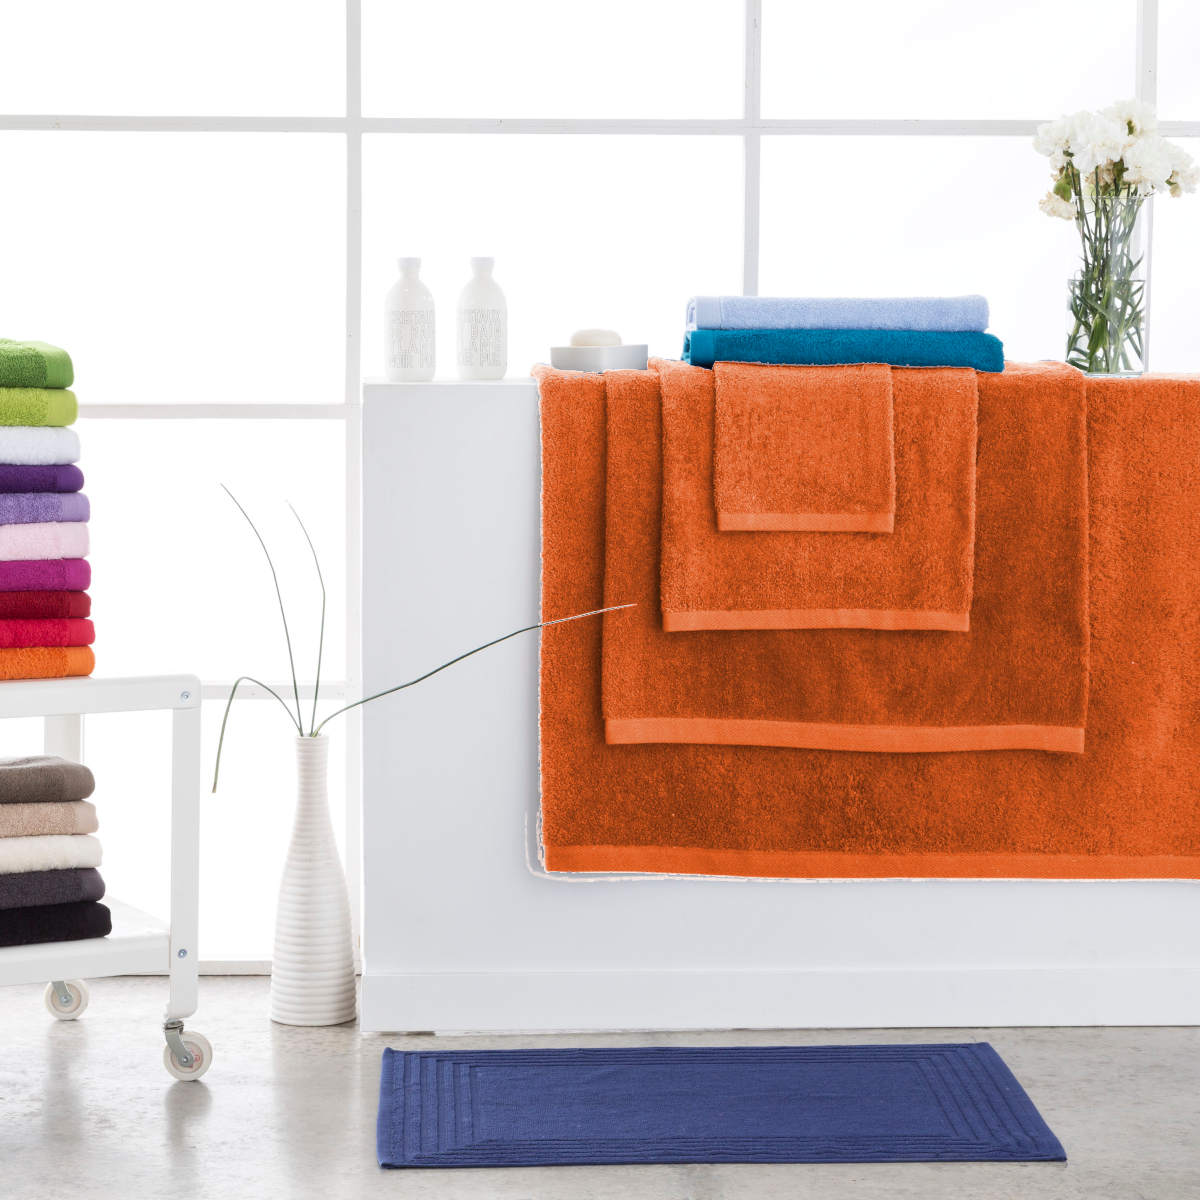 Toallas de baño abece modelo alfa color naranja